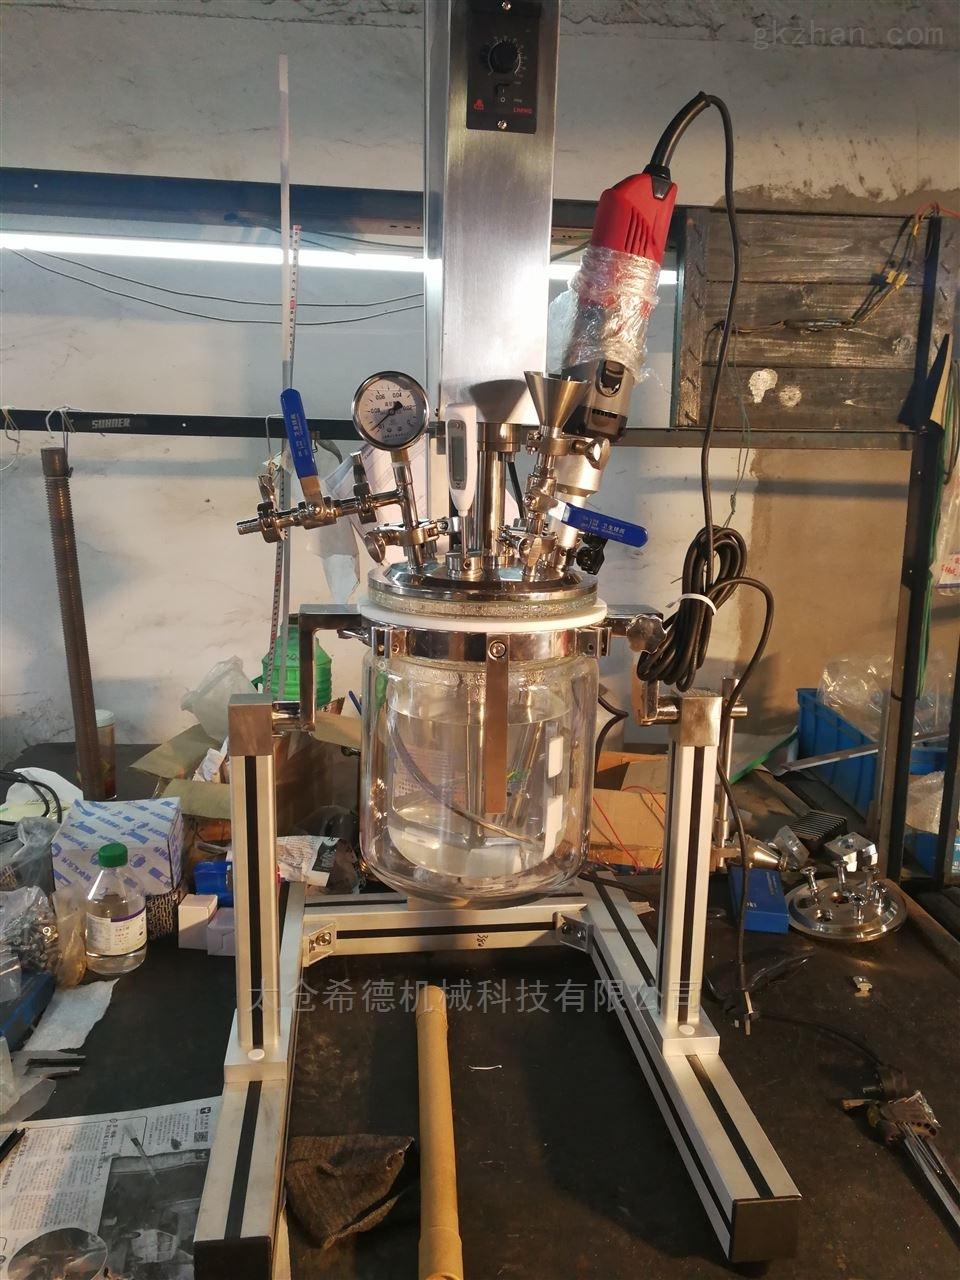 组织捣碎机 细胞匀浆机 高速破壁均质机